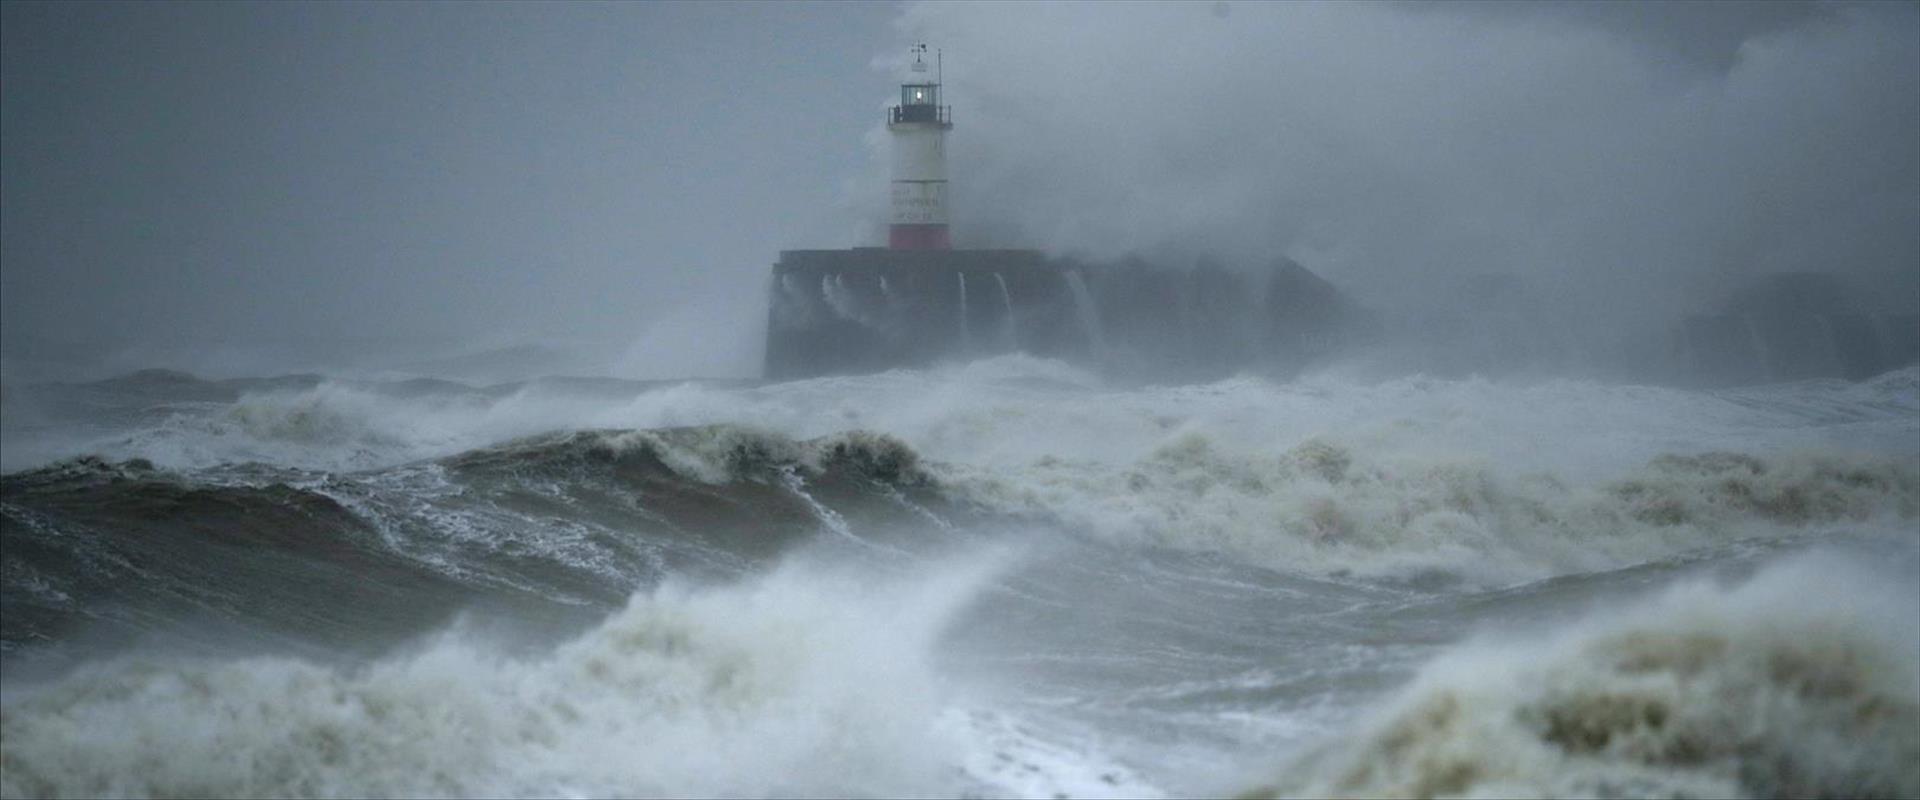 חופי ניו הייבן שבאנגליה, היום